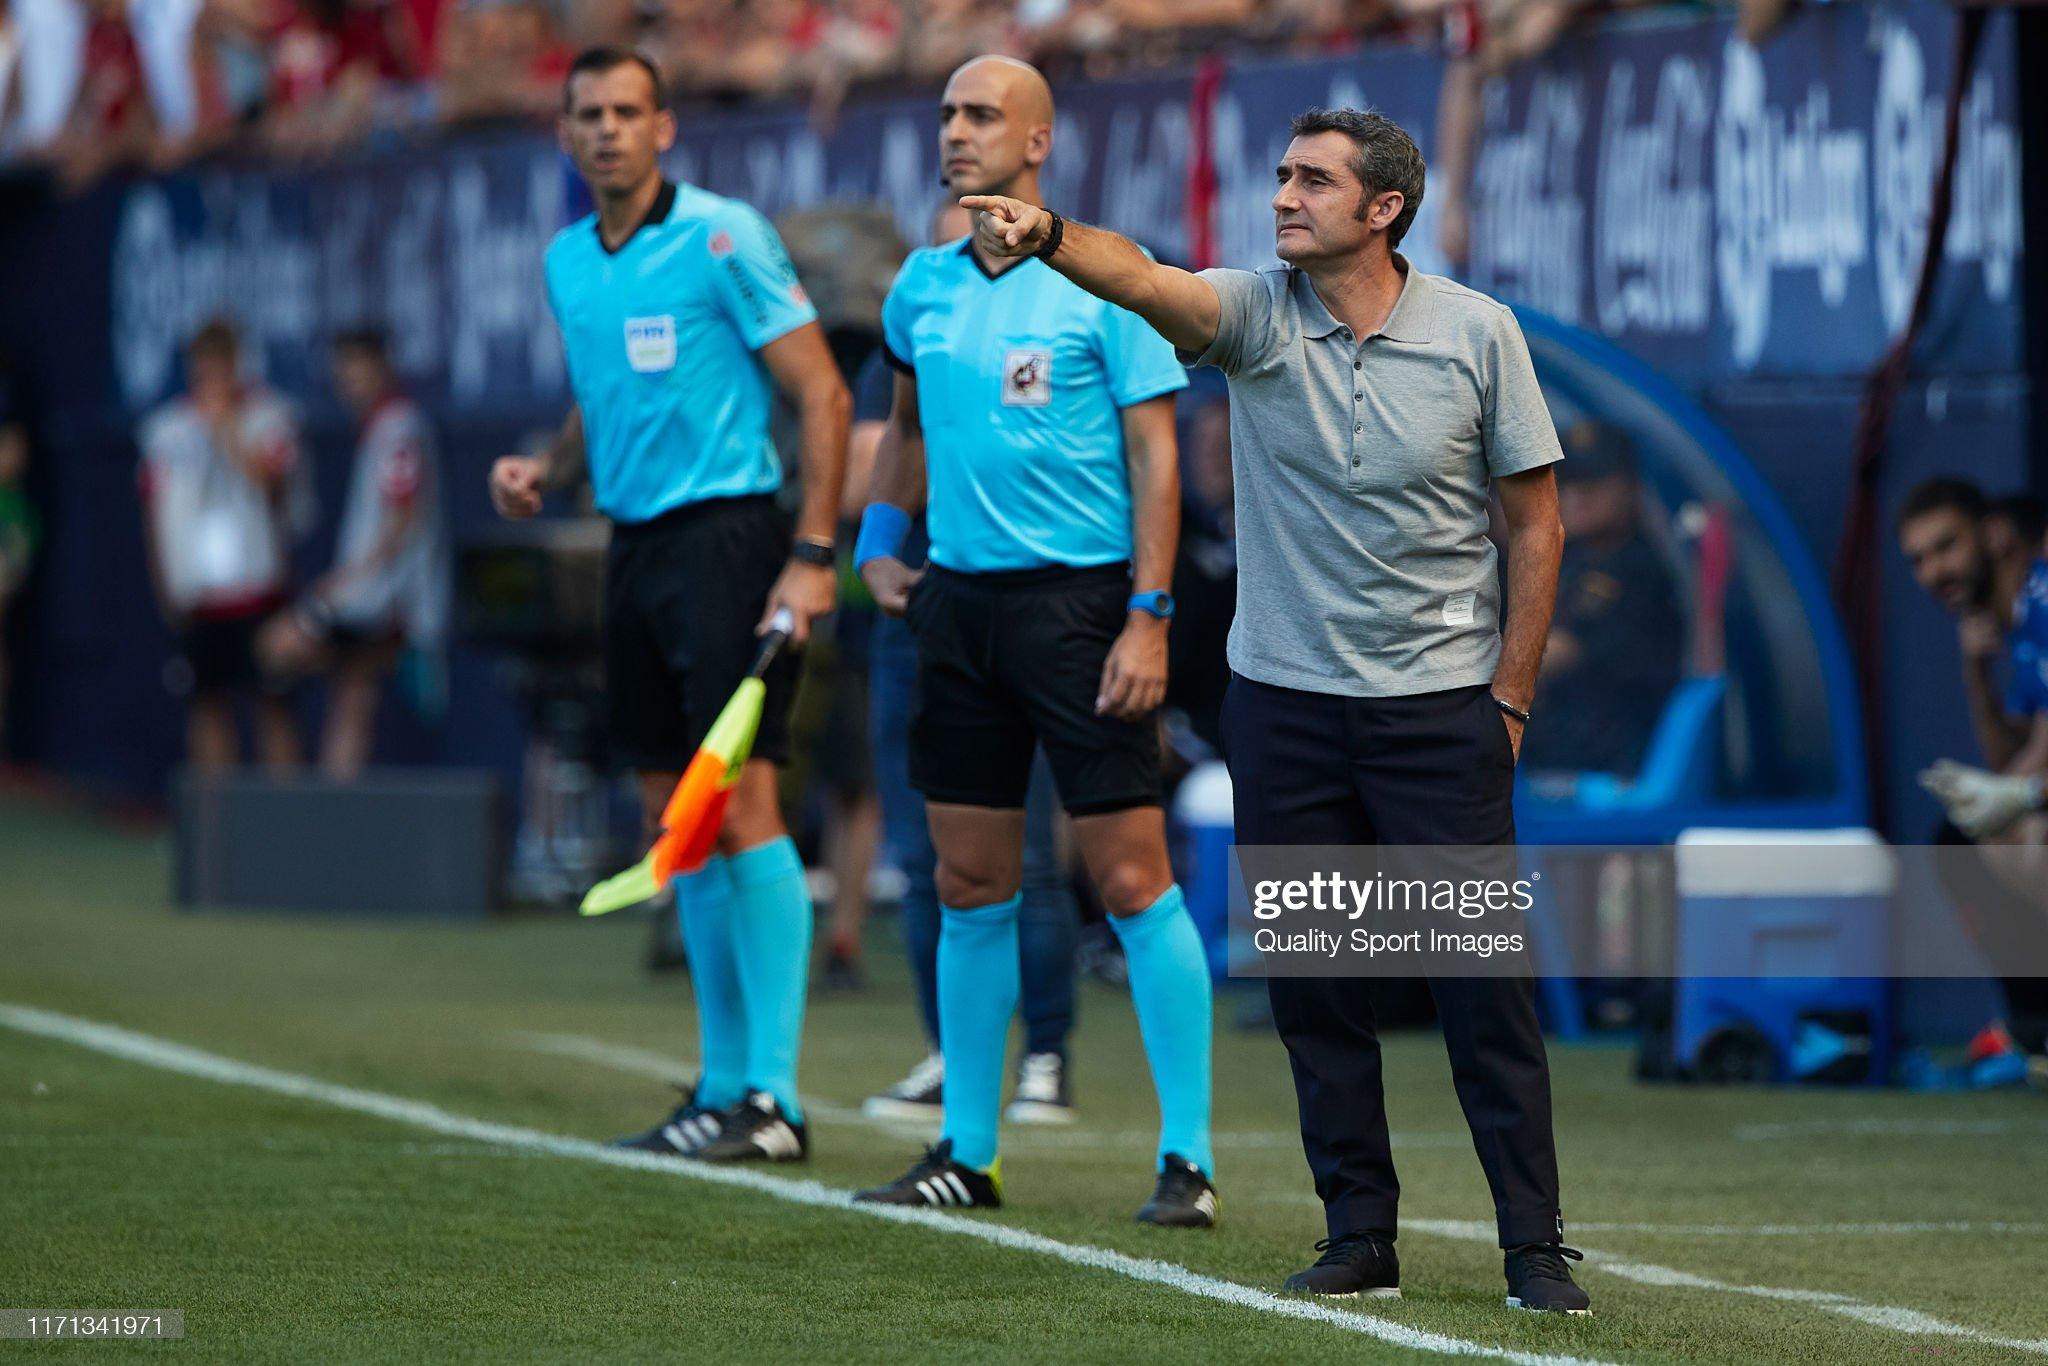 صور مباراة : أوساسونا - برشلونة 2-2 ( 31-08-2019 )  Ernesto-valverde-manager-of-barcelona-gives-instructions-during-the-picture-id1171341971?s=2048x2048